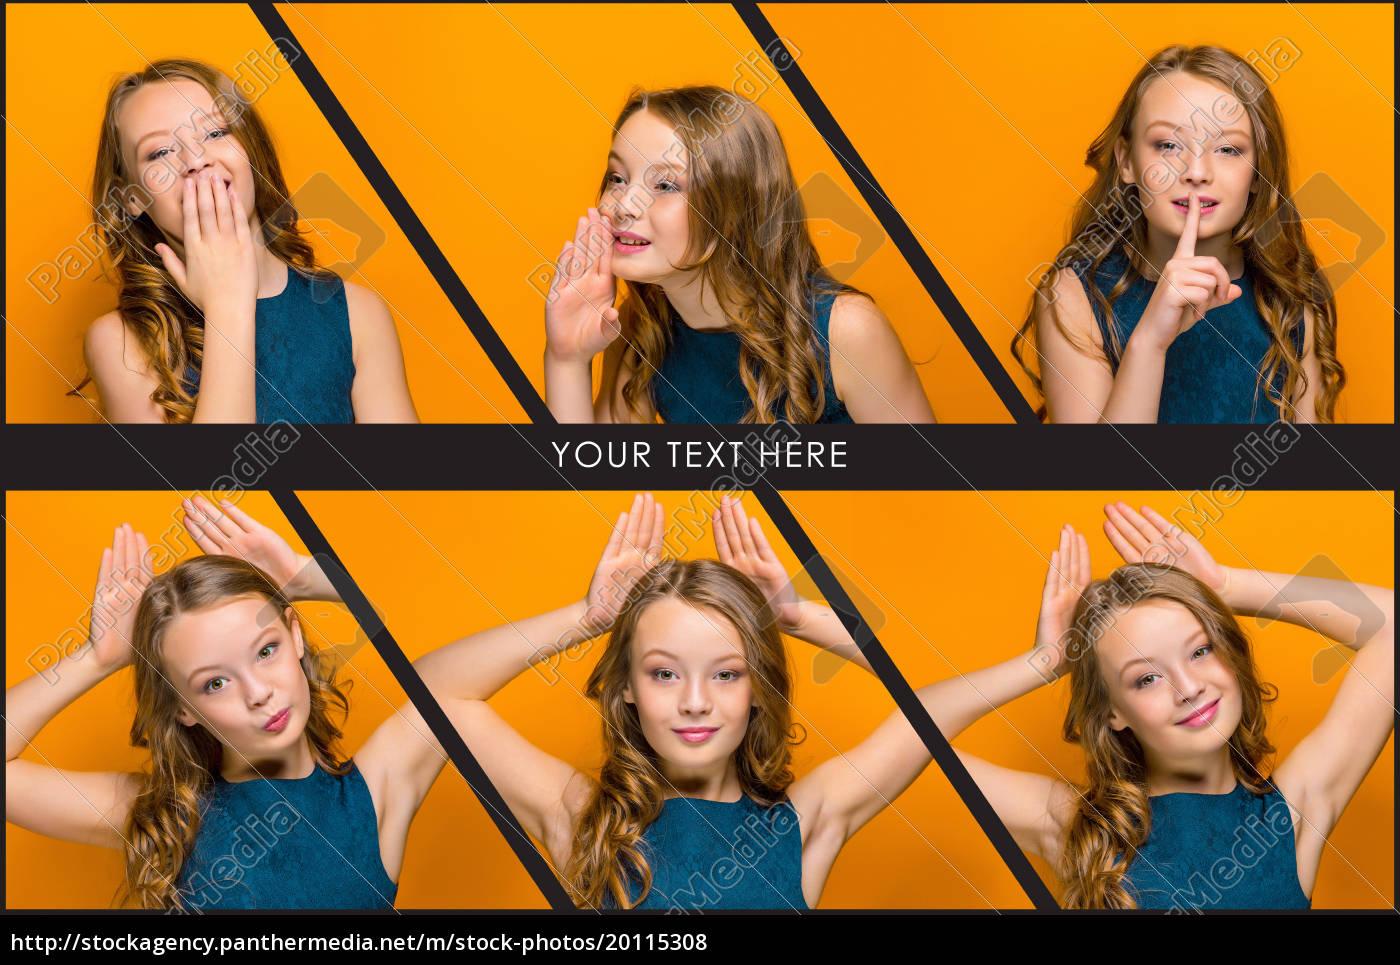 twarz, zabawy, z, okazji, dziewczyna, teen - 20115308